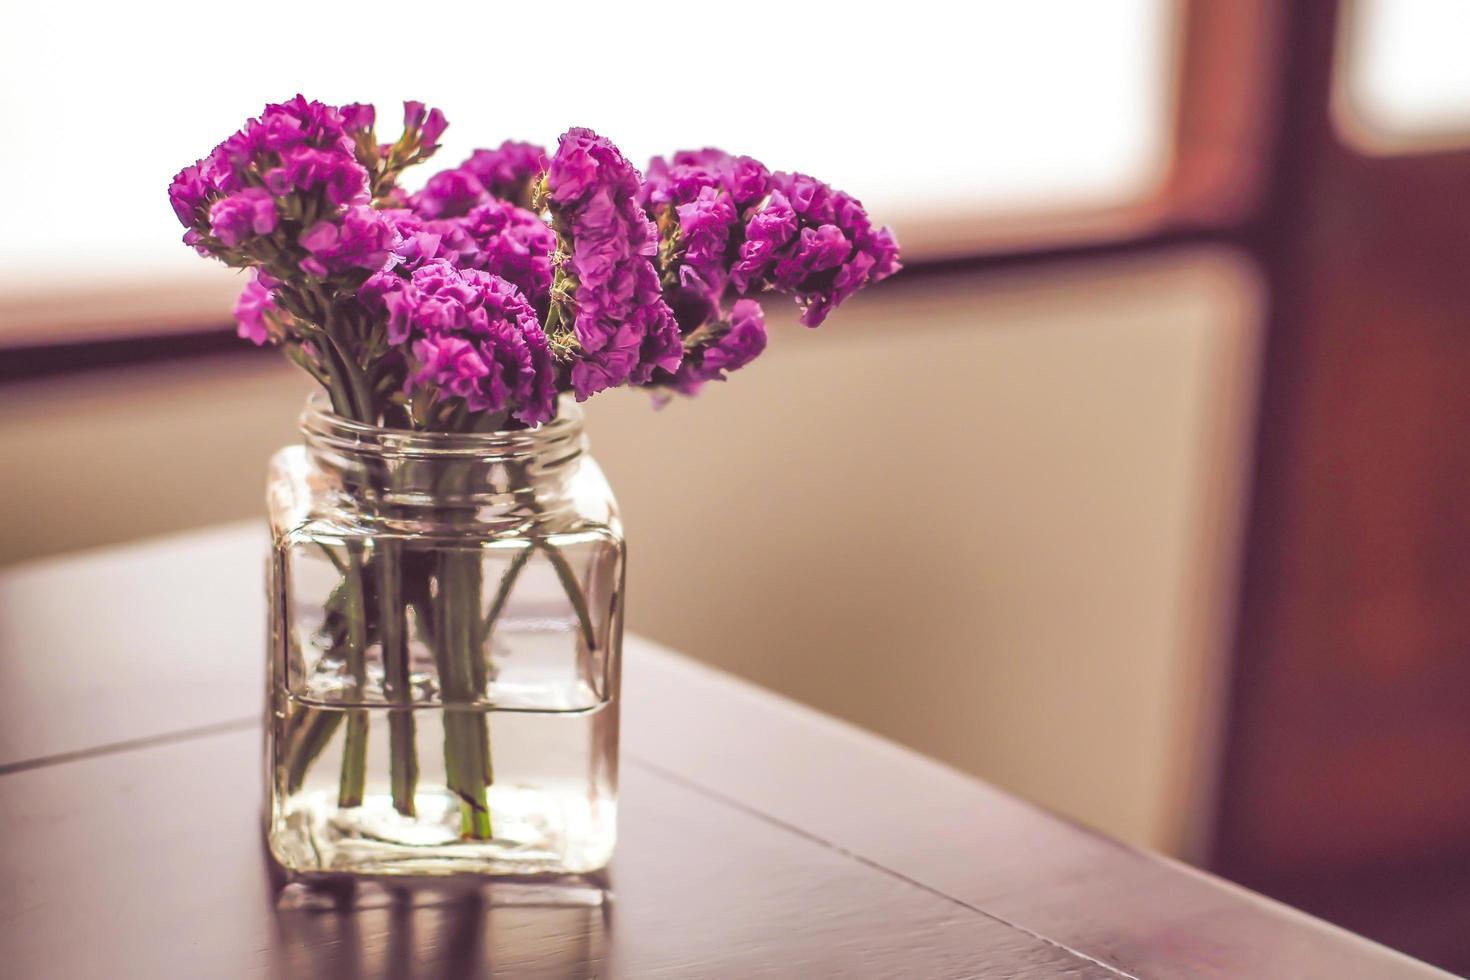 lila Blumen in einem Glas foto